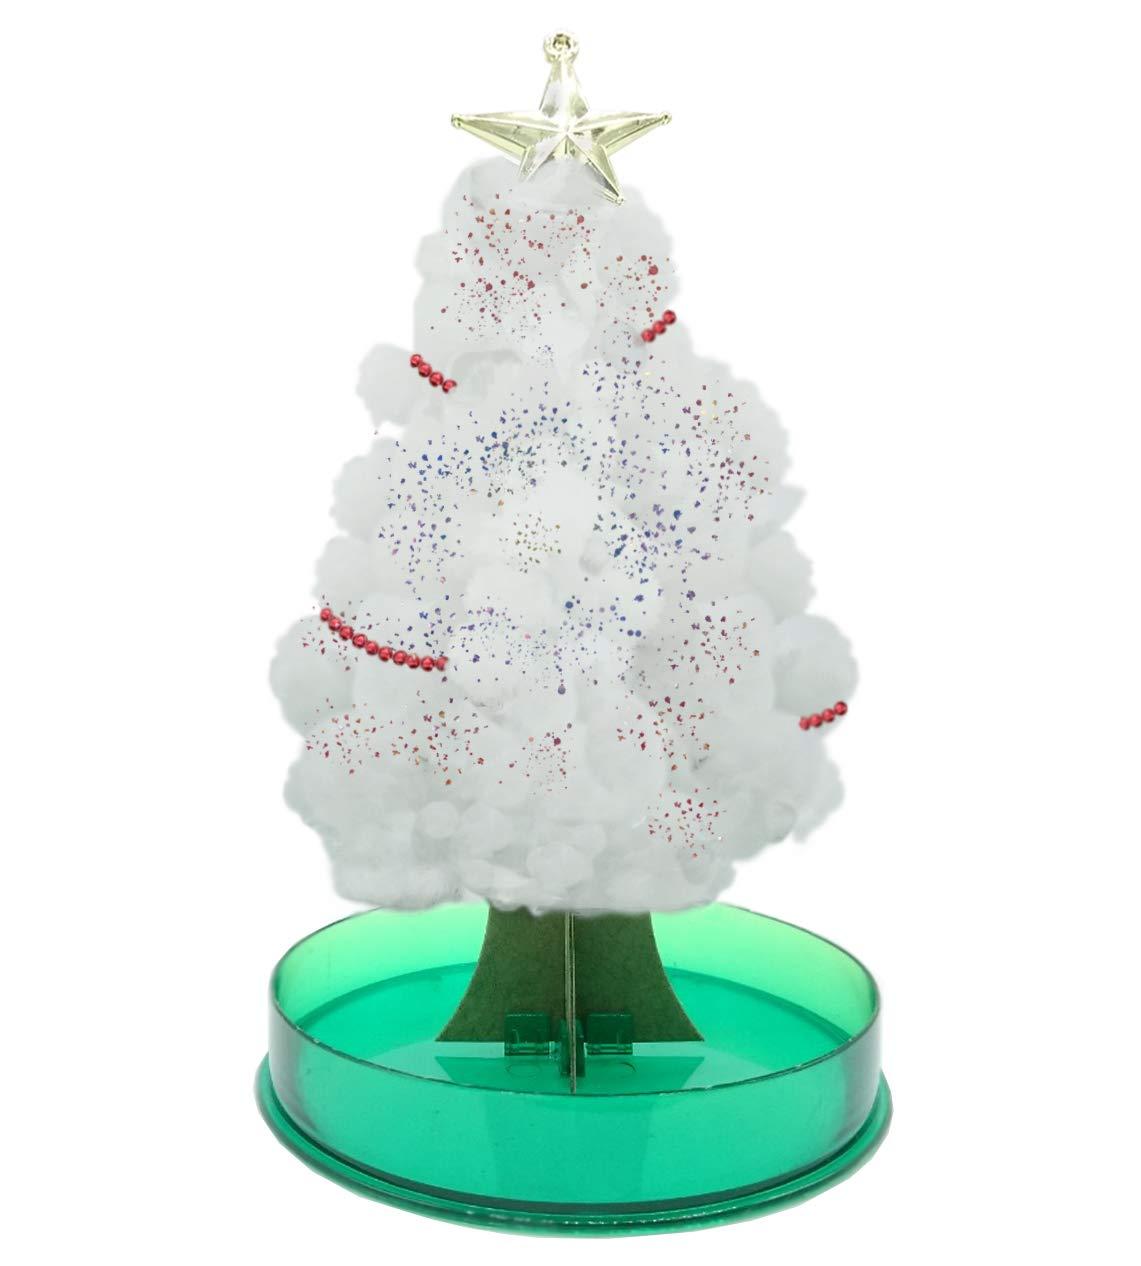 Legenden™ Arbre Magique de Noël - DIY Faites-Le Grandir en 24h - Sapin Blanc avec Paillettes, Guirlande et Étoile incluses Guirlande et Étoile incluses LegendenTM